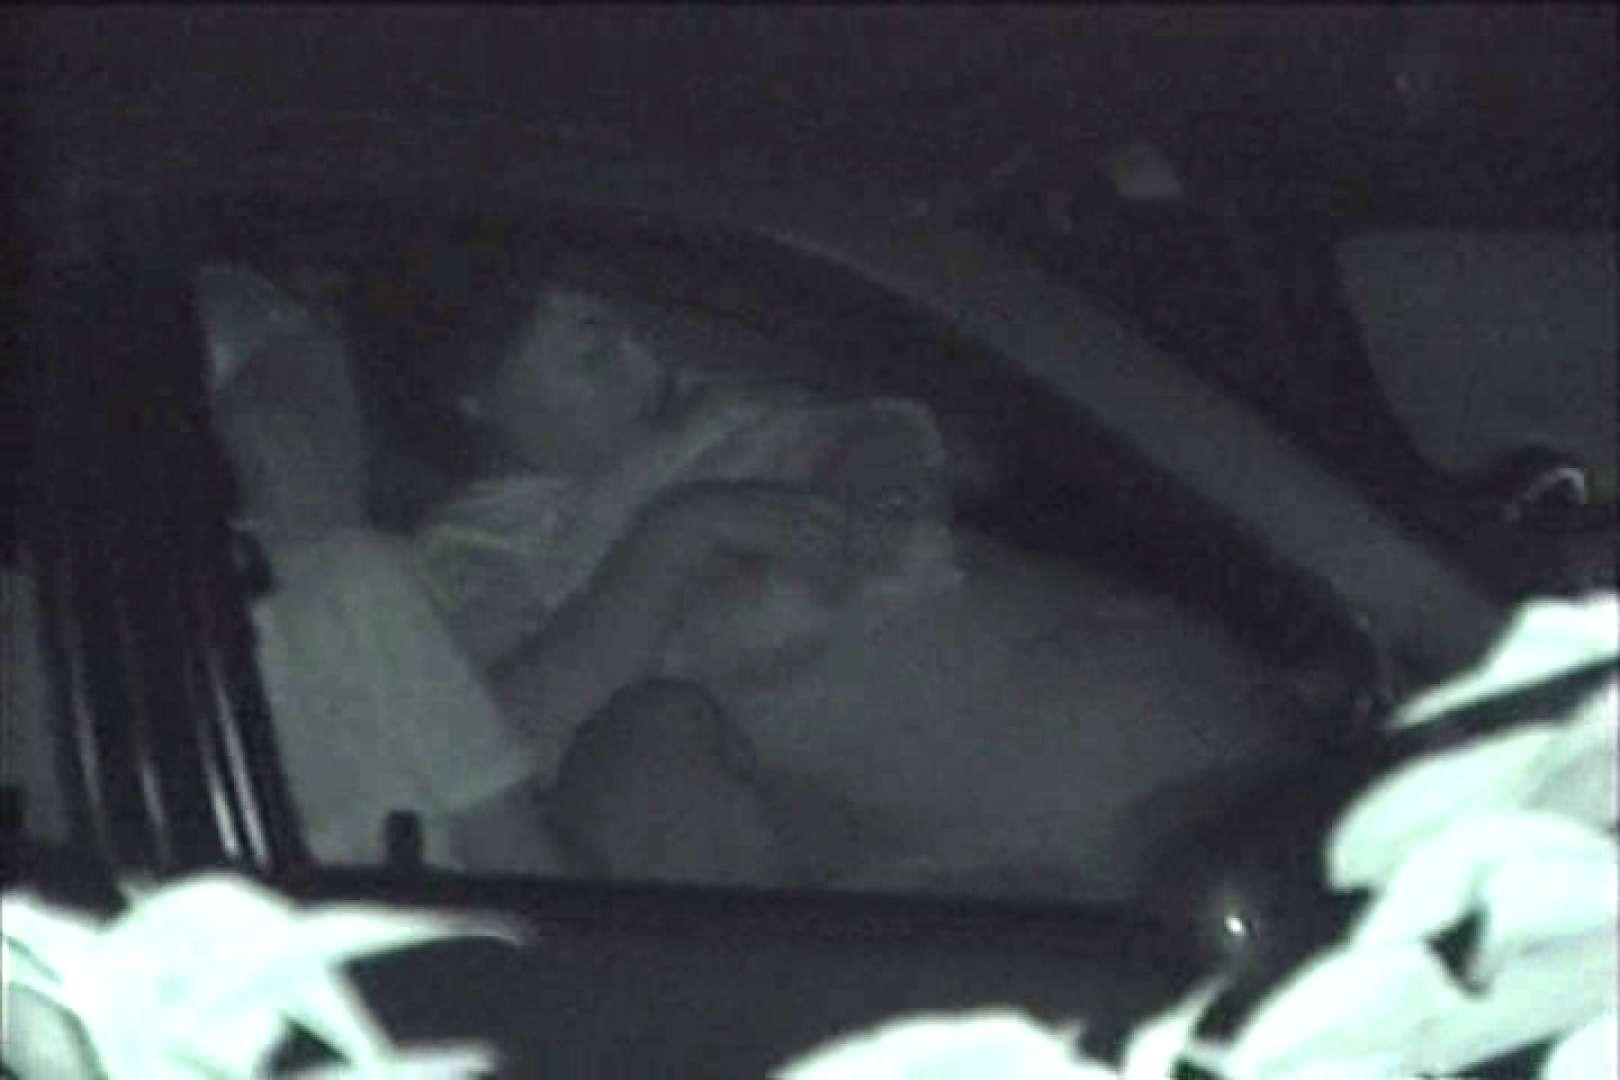 車の中はラブホテル 無修正版  Vol.18 ホテル隠し撮り オマンコ動画キャプチャ 100pic 40